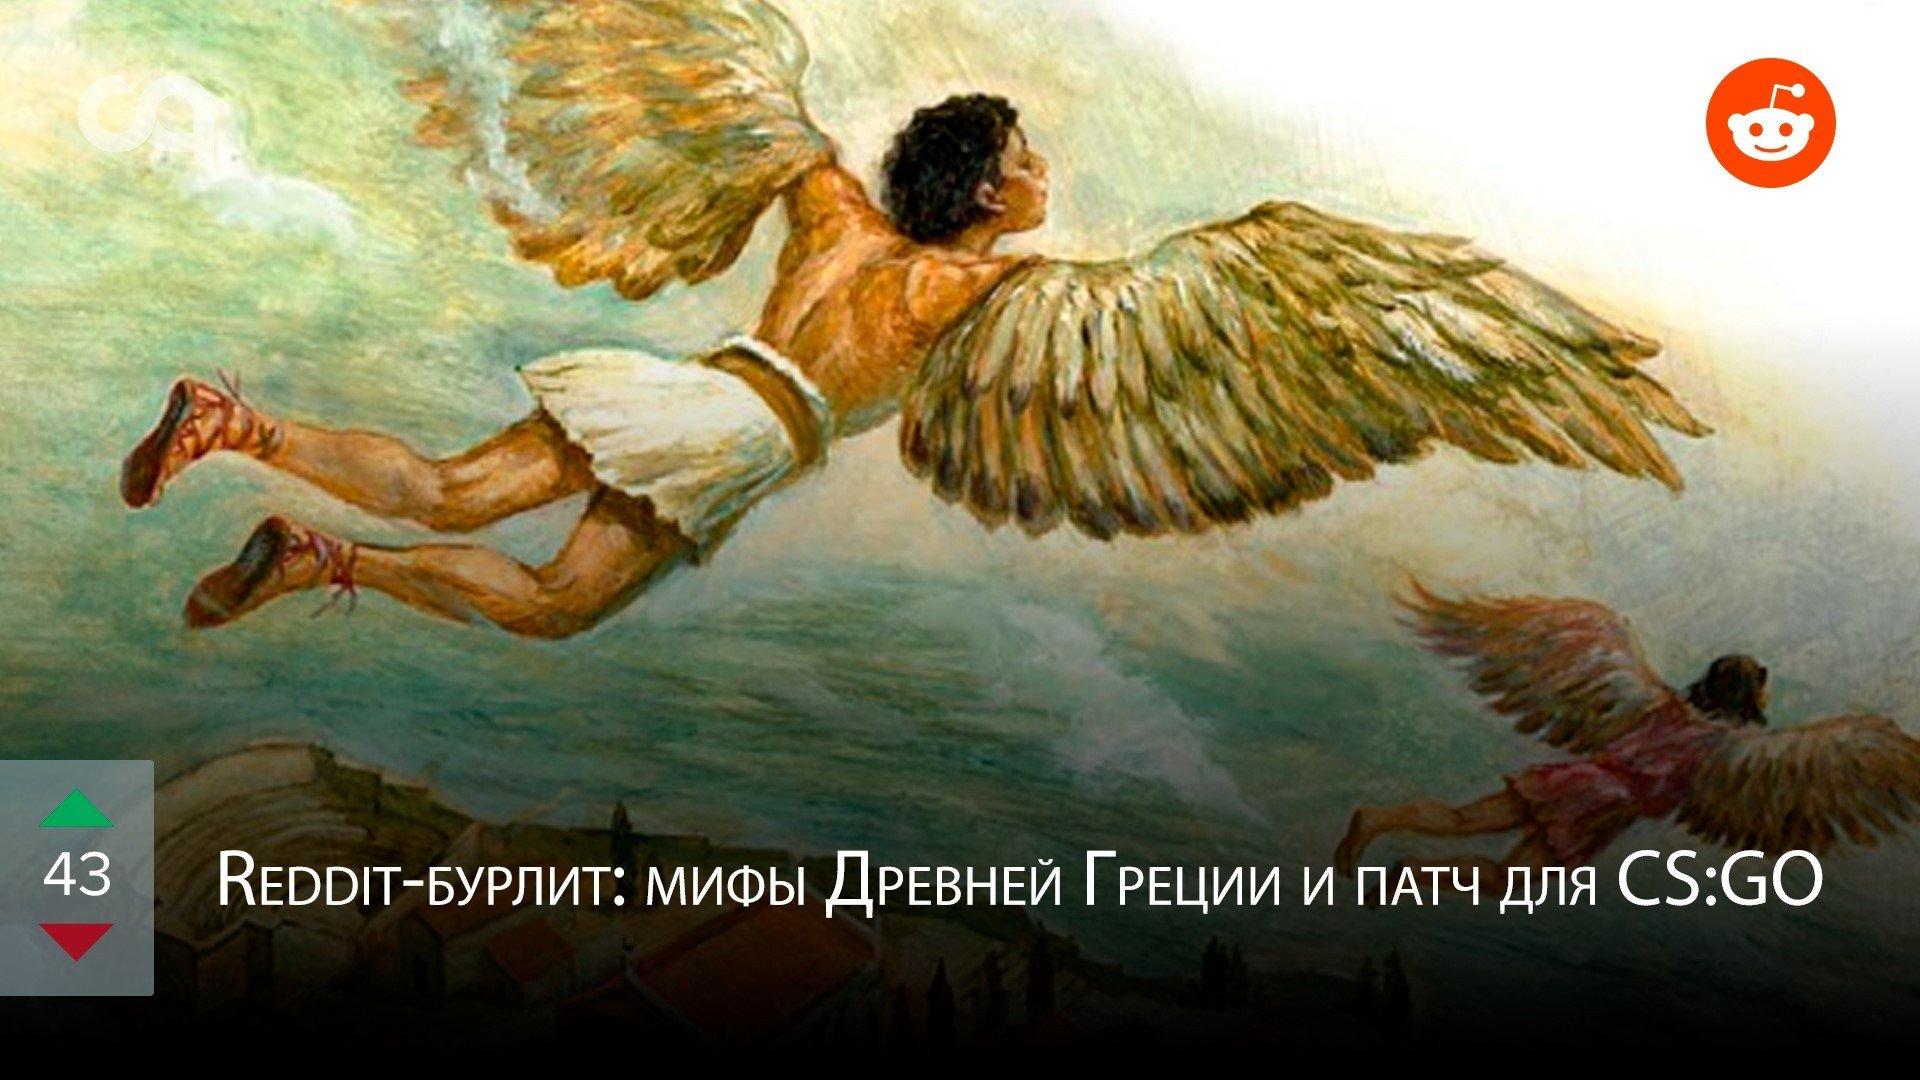 Redditбурлит мифы Древней Греции и патч для CSGO